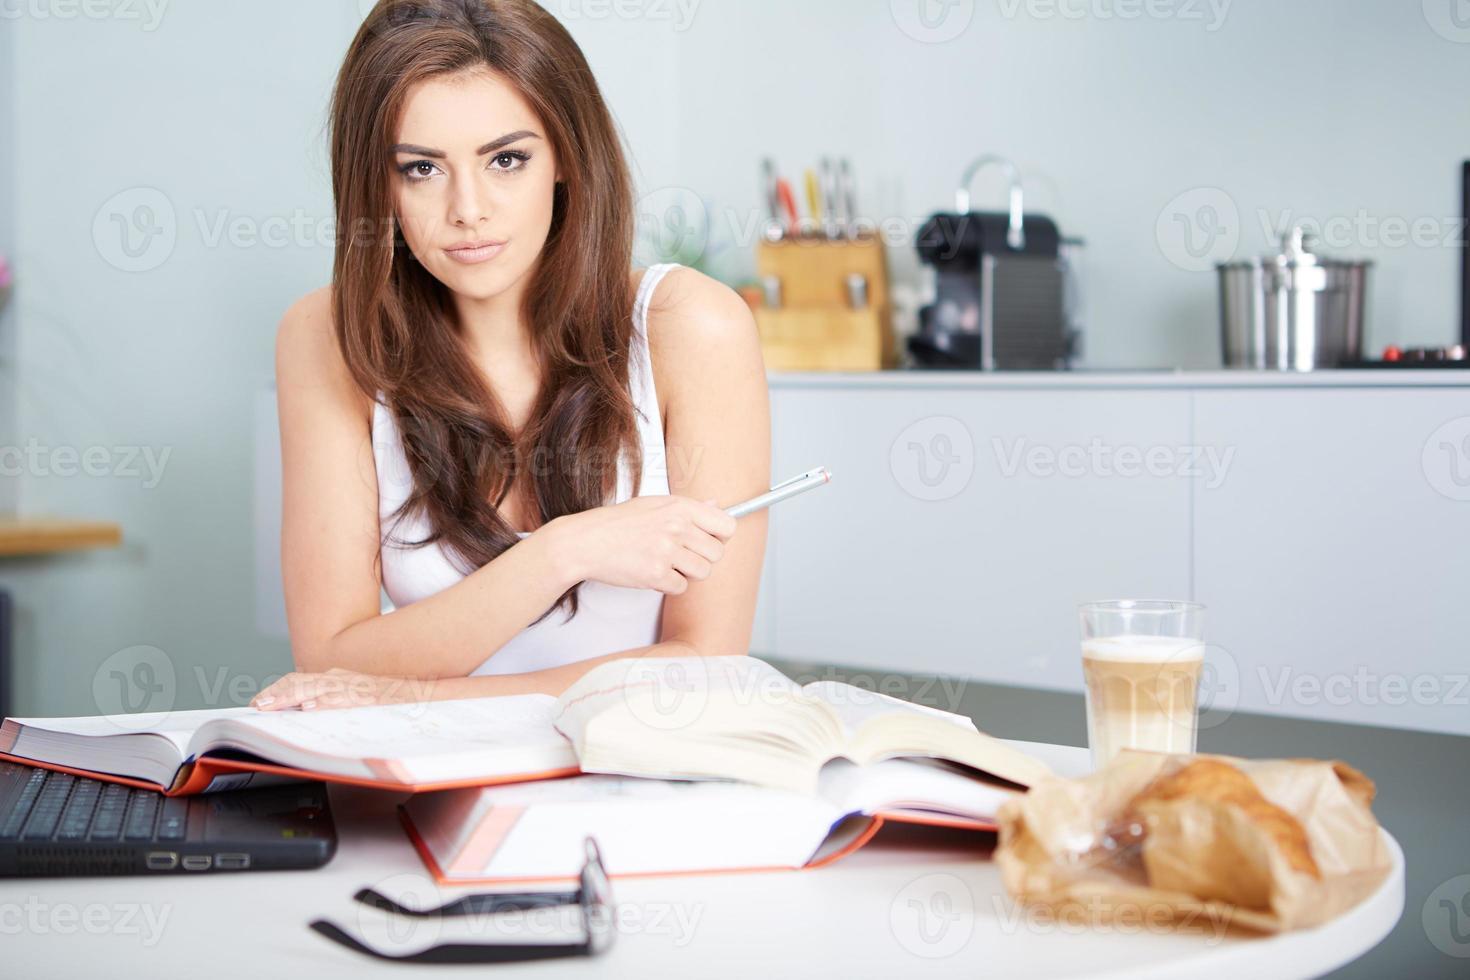 jeune étudiante femme avec beaucoup de livres étudiant photo